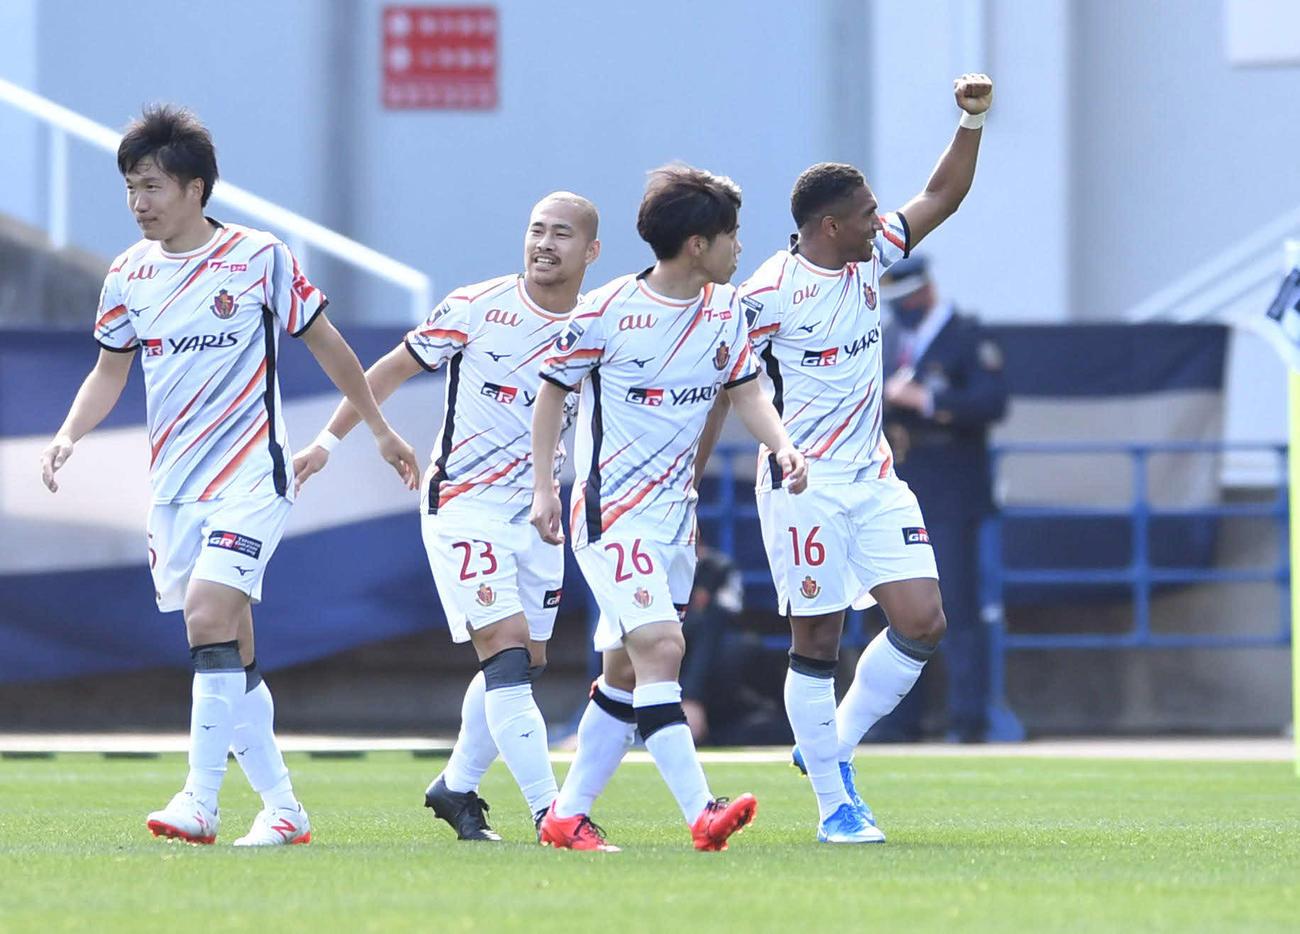 福岡対名古屋 後半、この試合2度目のゴールを決めた名古屋FWマテウス(右端)はベンチに向かって笑顔でガッツポーズ(撮影・岩下翔太)